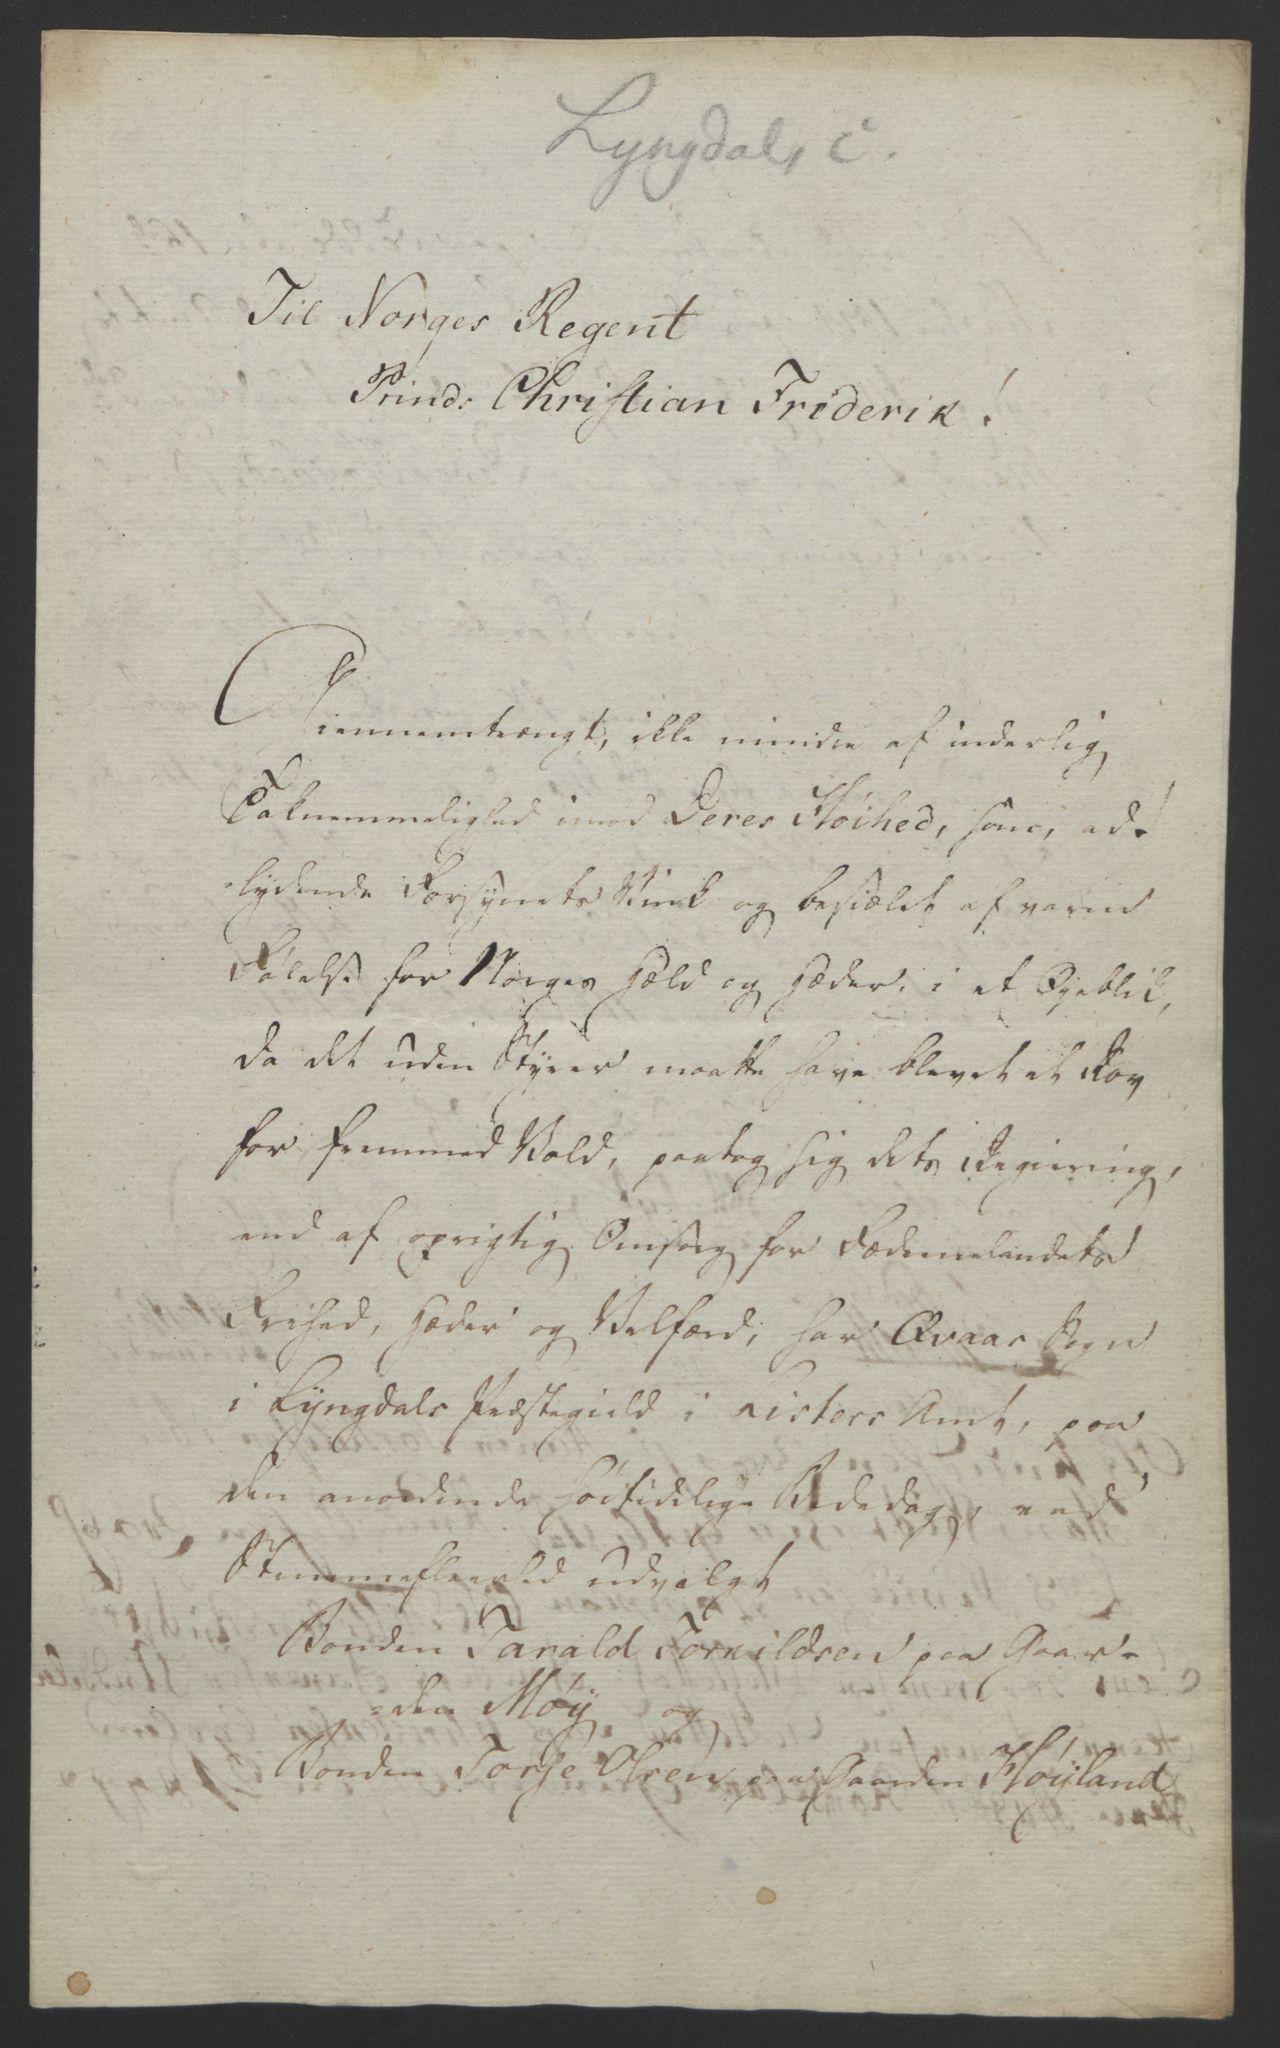 RA, Statsrådssekretariatet, D/Db/L0008: Fullmakter for Eidsvollsrepresentantene i 1814. , 1814, s. 175